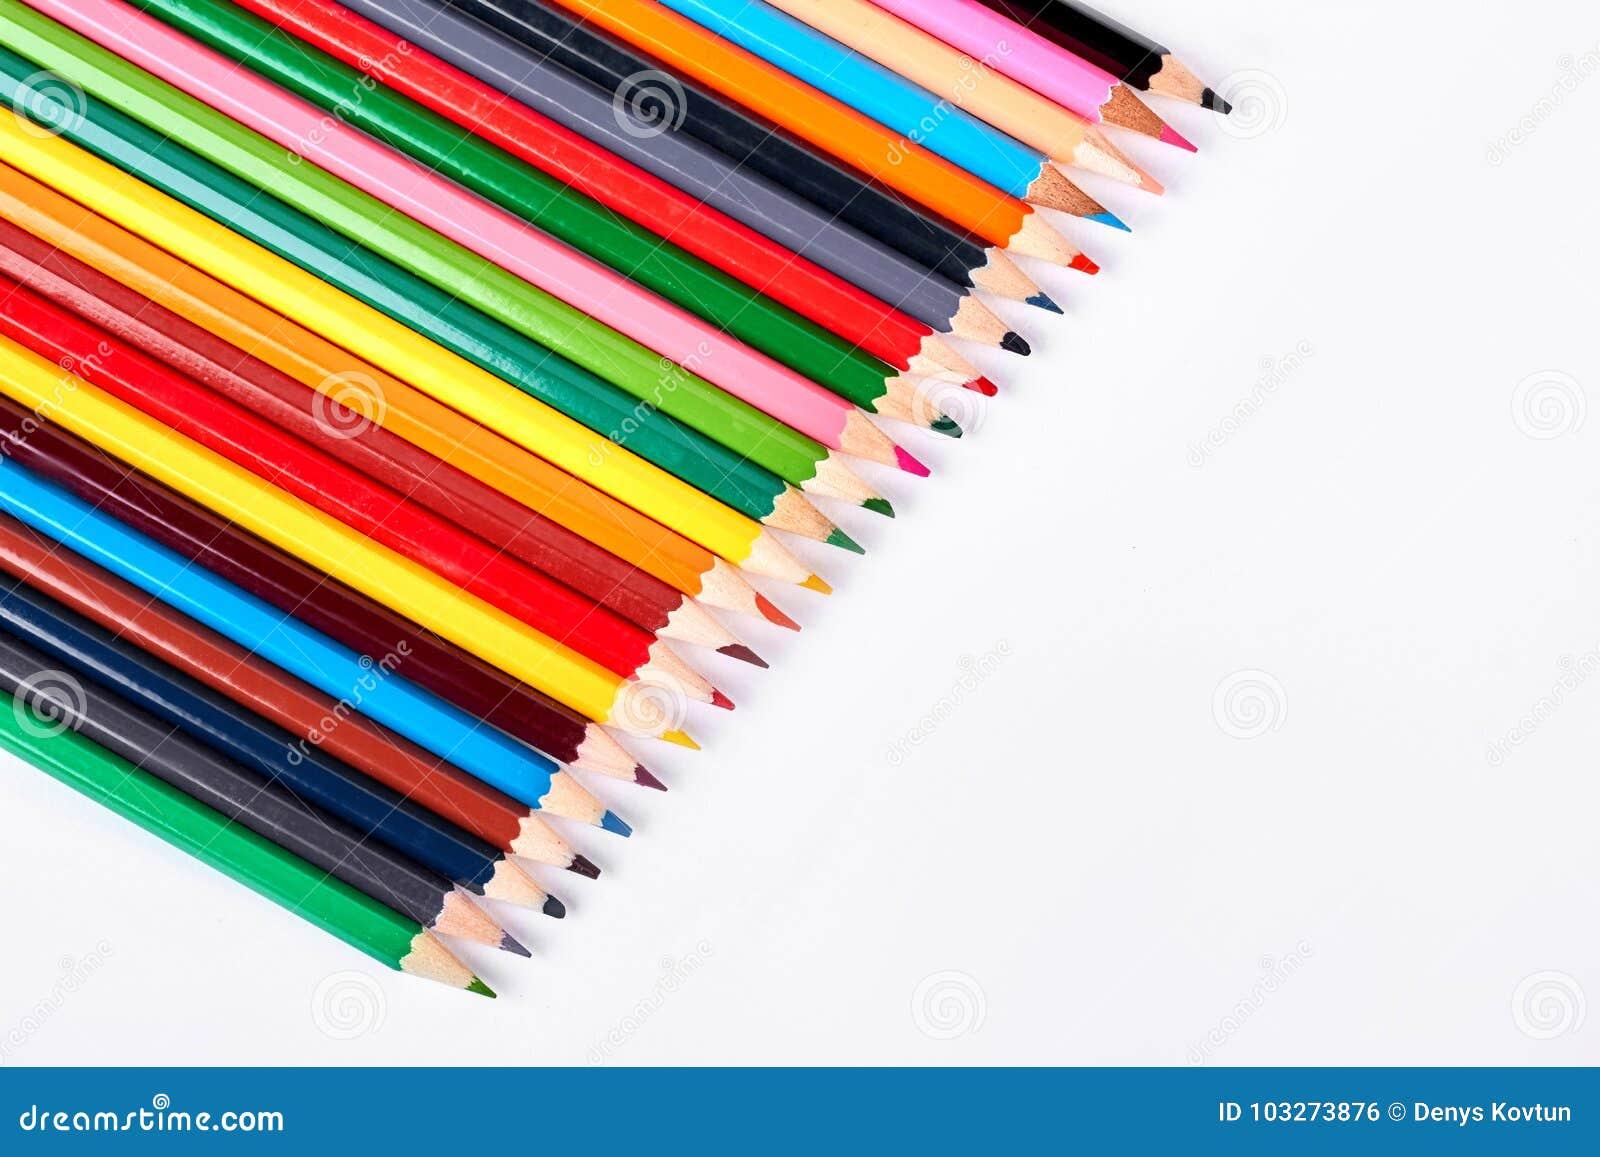 Samling av mångfärgade blyertspennor för att dra